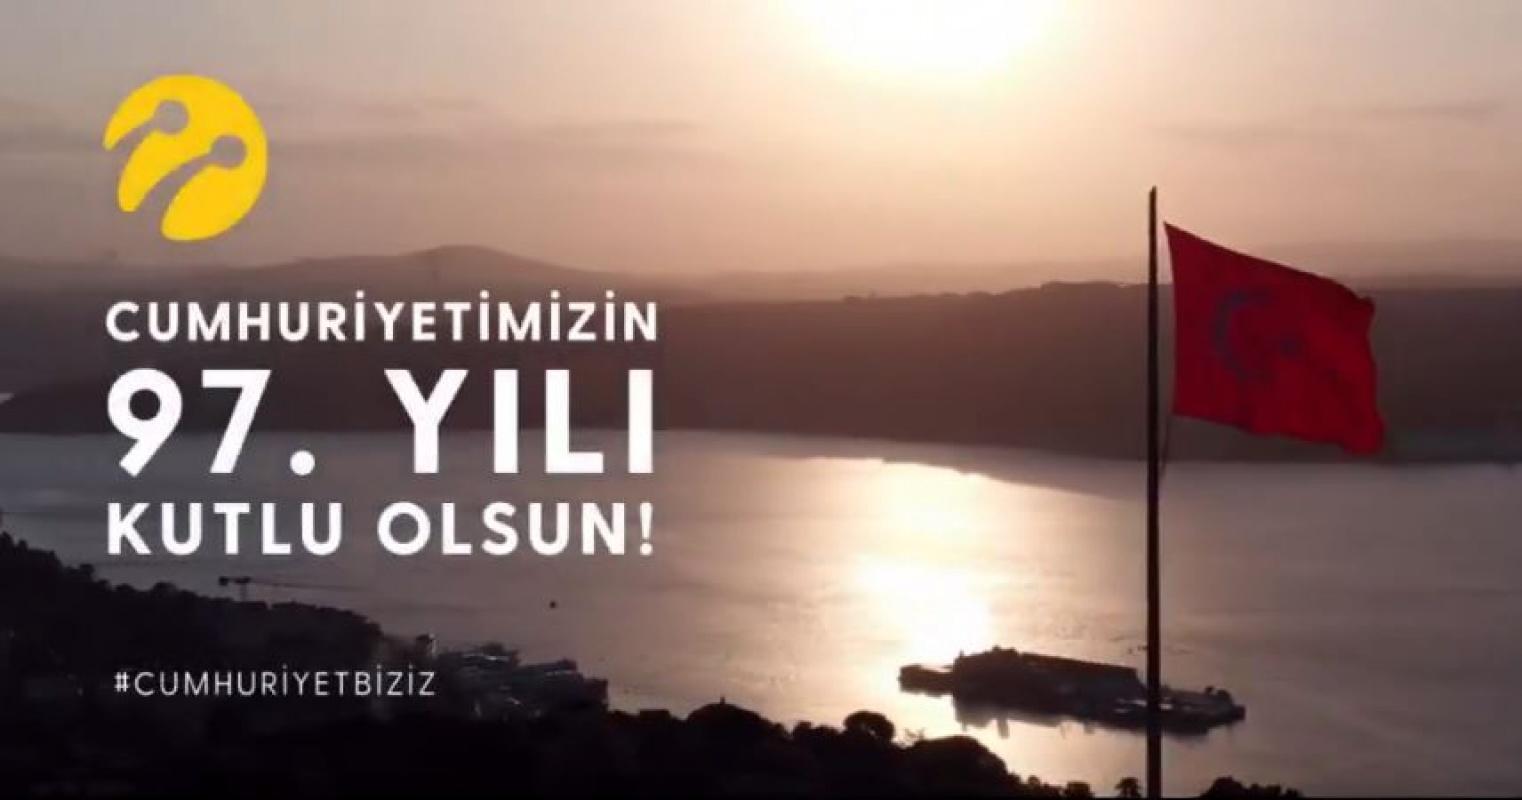 Turkcell, 29 Ekim Cumhuriyet Bayramı için özel reklam yayınladı